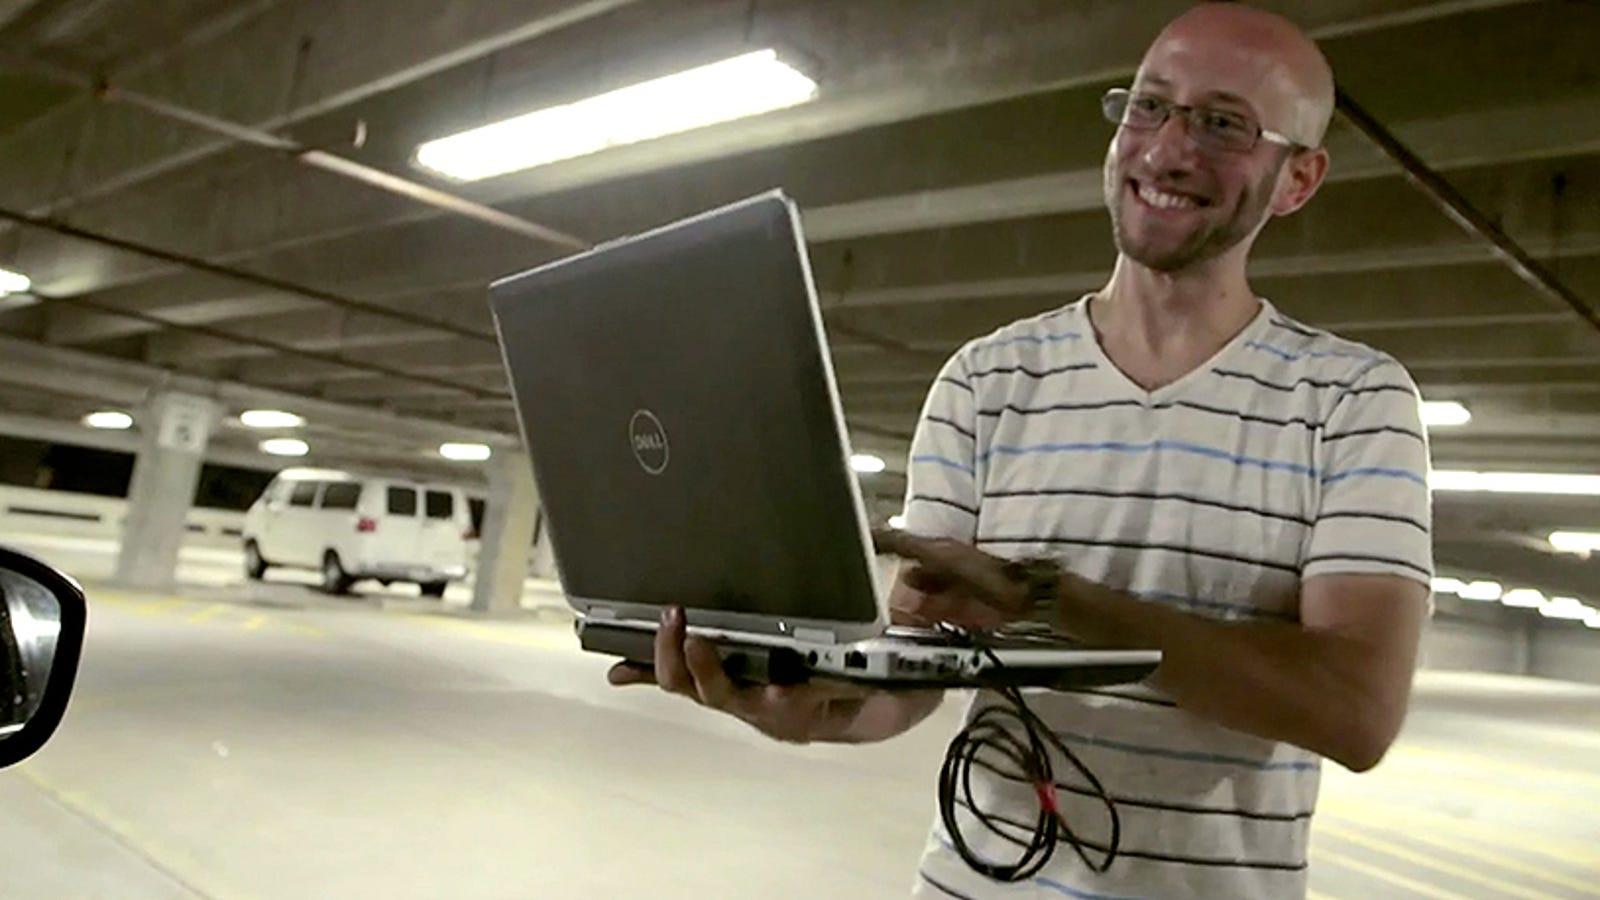 Hackear un coche y teledirigirlo es posible: este vídeo lo demuestra